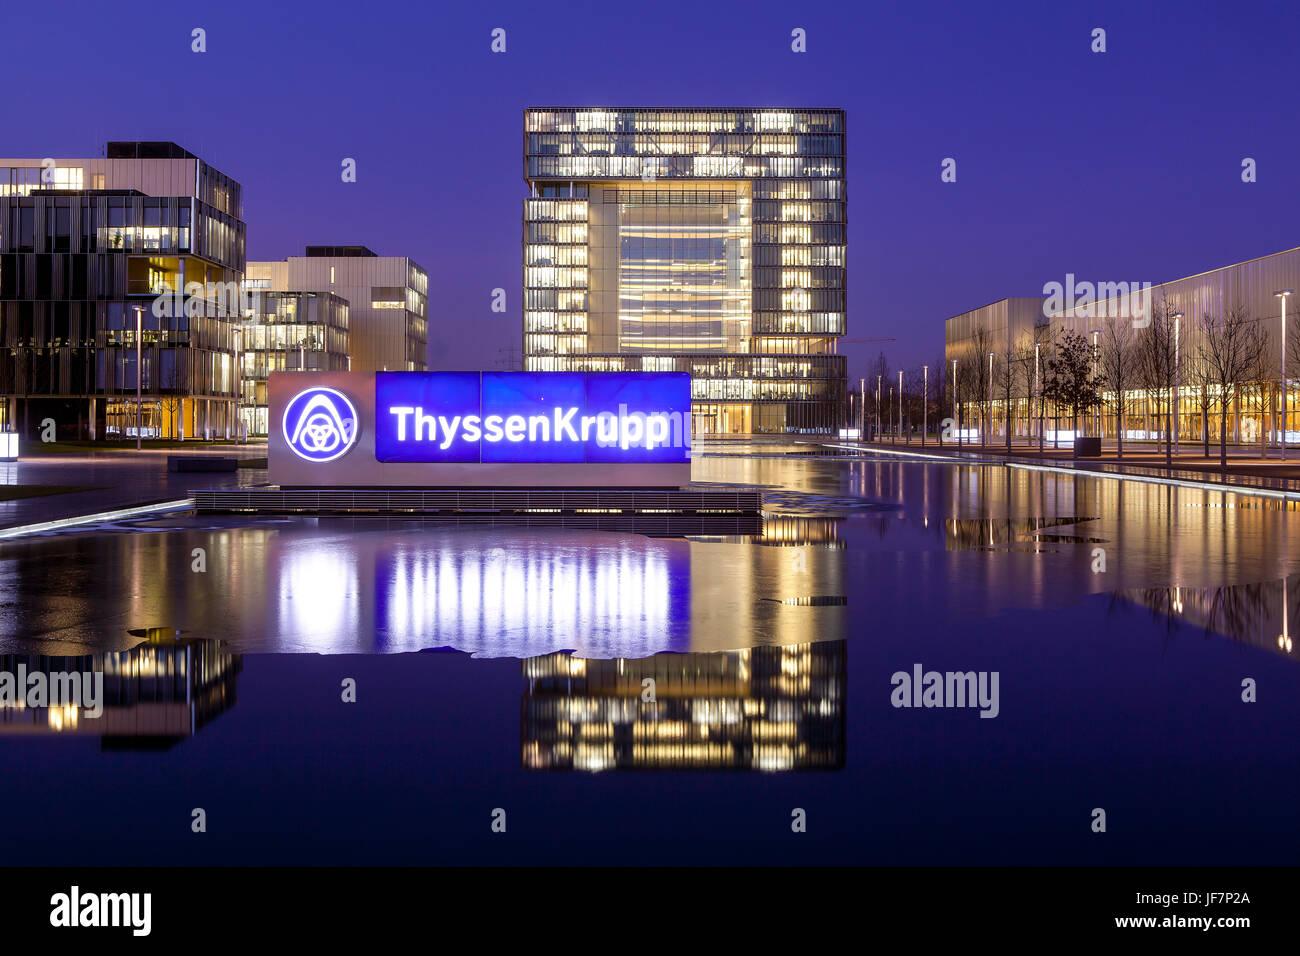 ThyssenKrupp Quartier, Head Office, Essen, North Rhine-Westphalia, Germany, Europe, ThyssenKrupp Quartier, Hauptverwaltung, - Stock Image